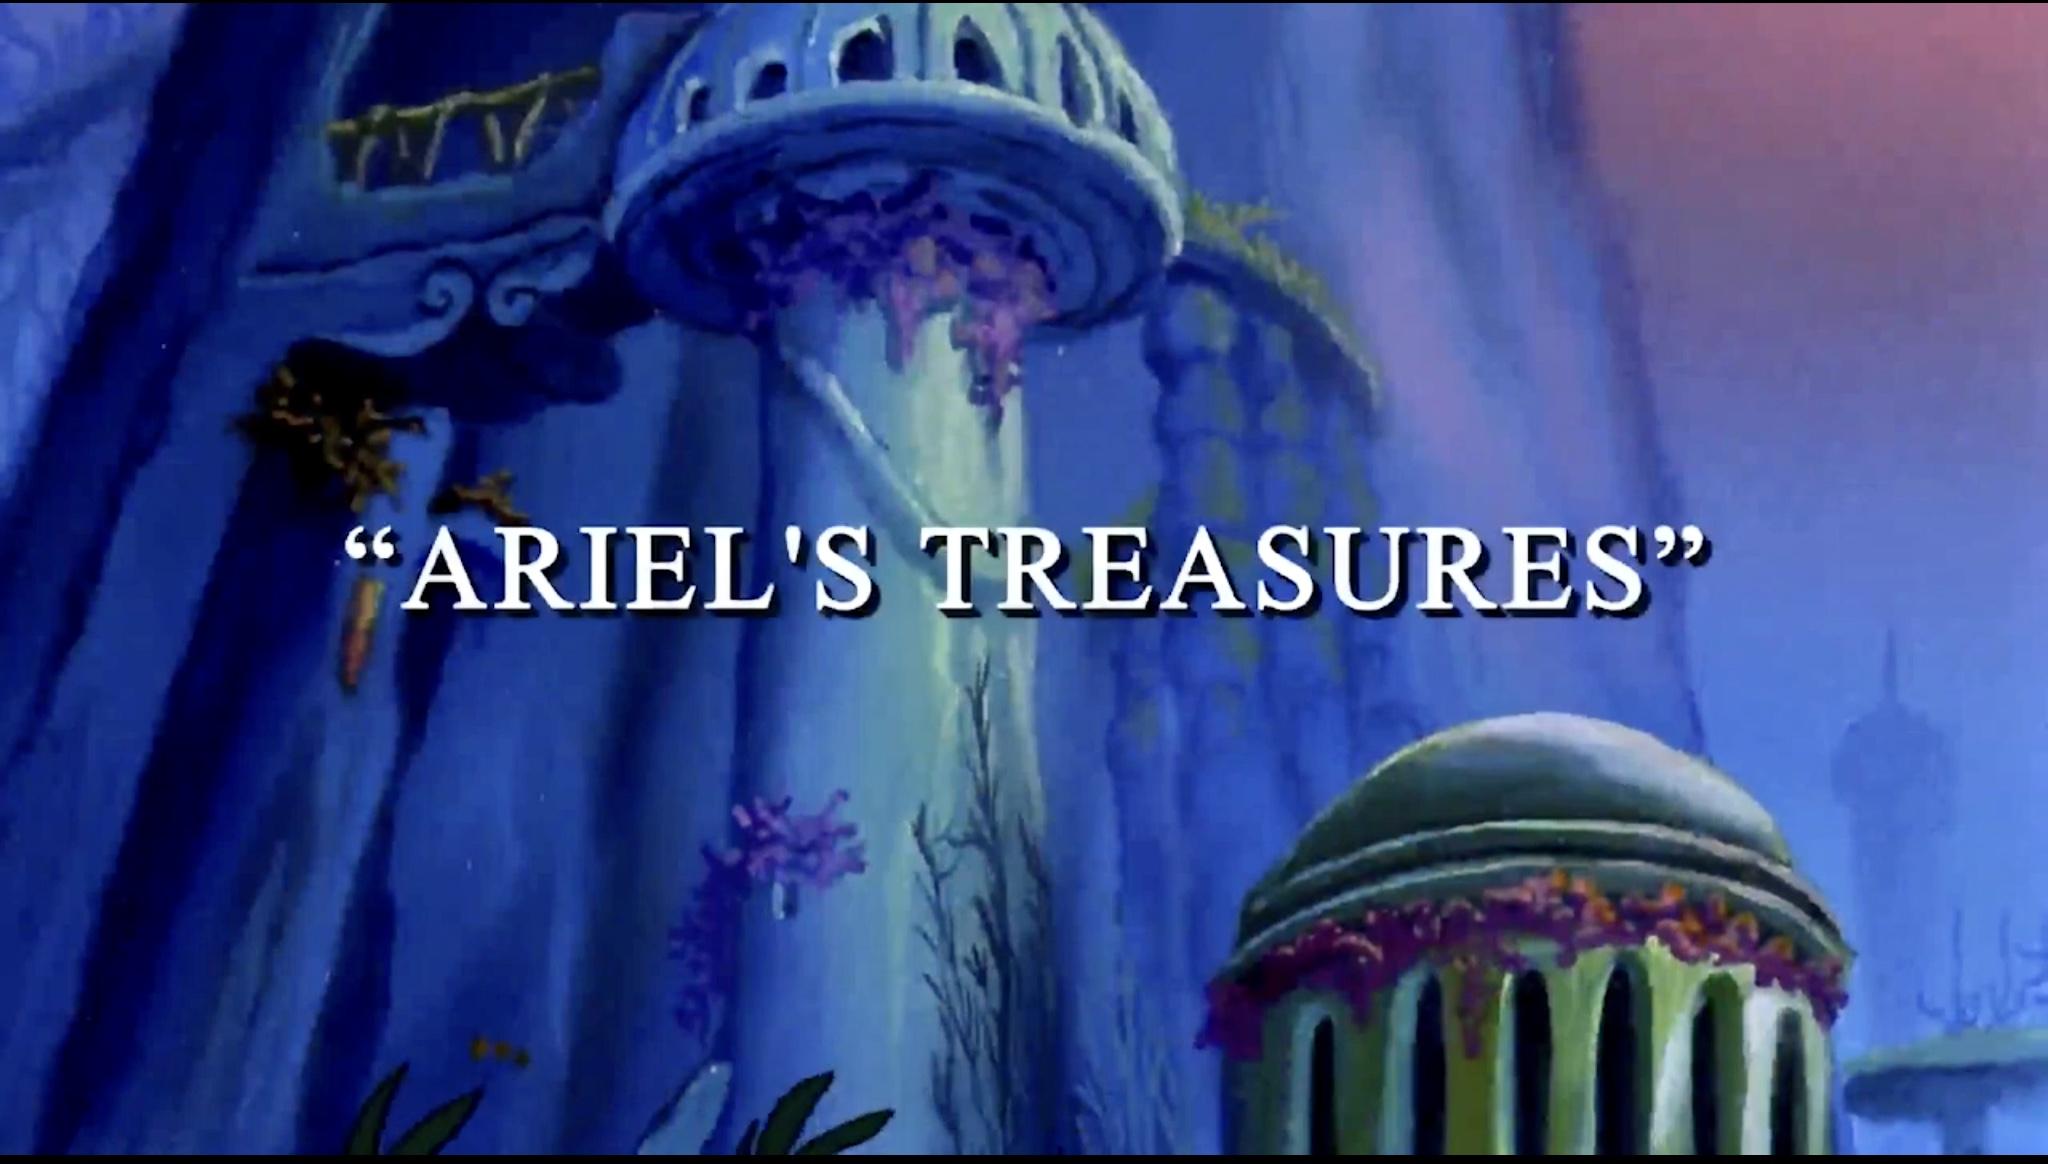 Ariel's Treasures/Gallery